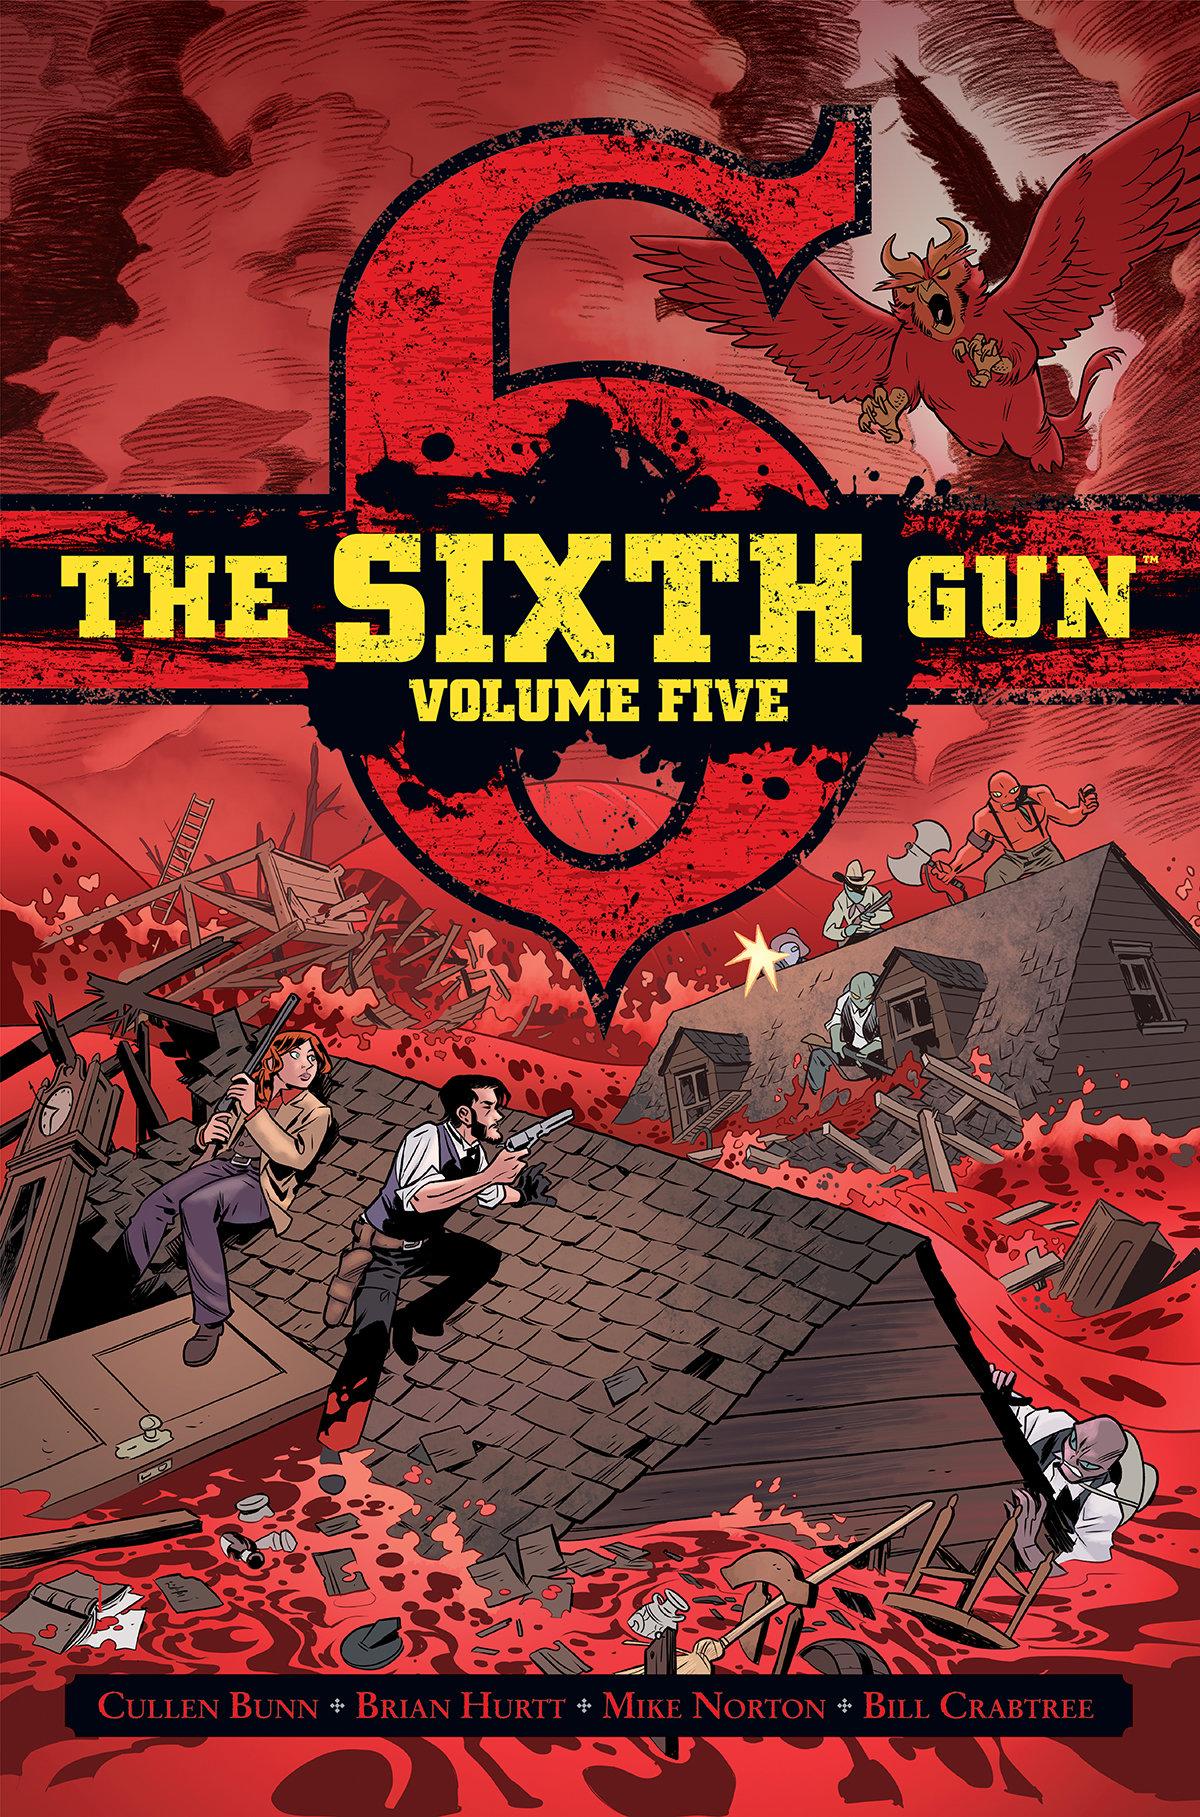 The 6th gun Vol. 5